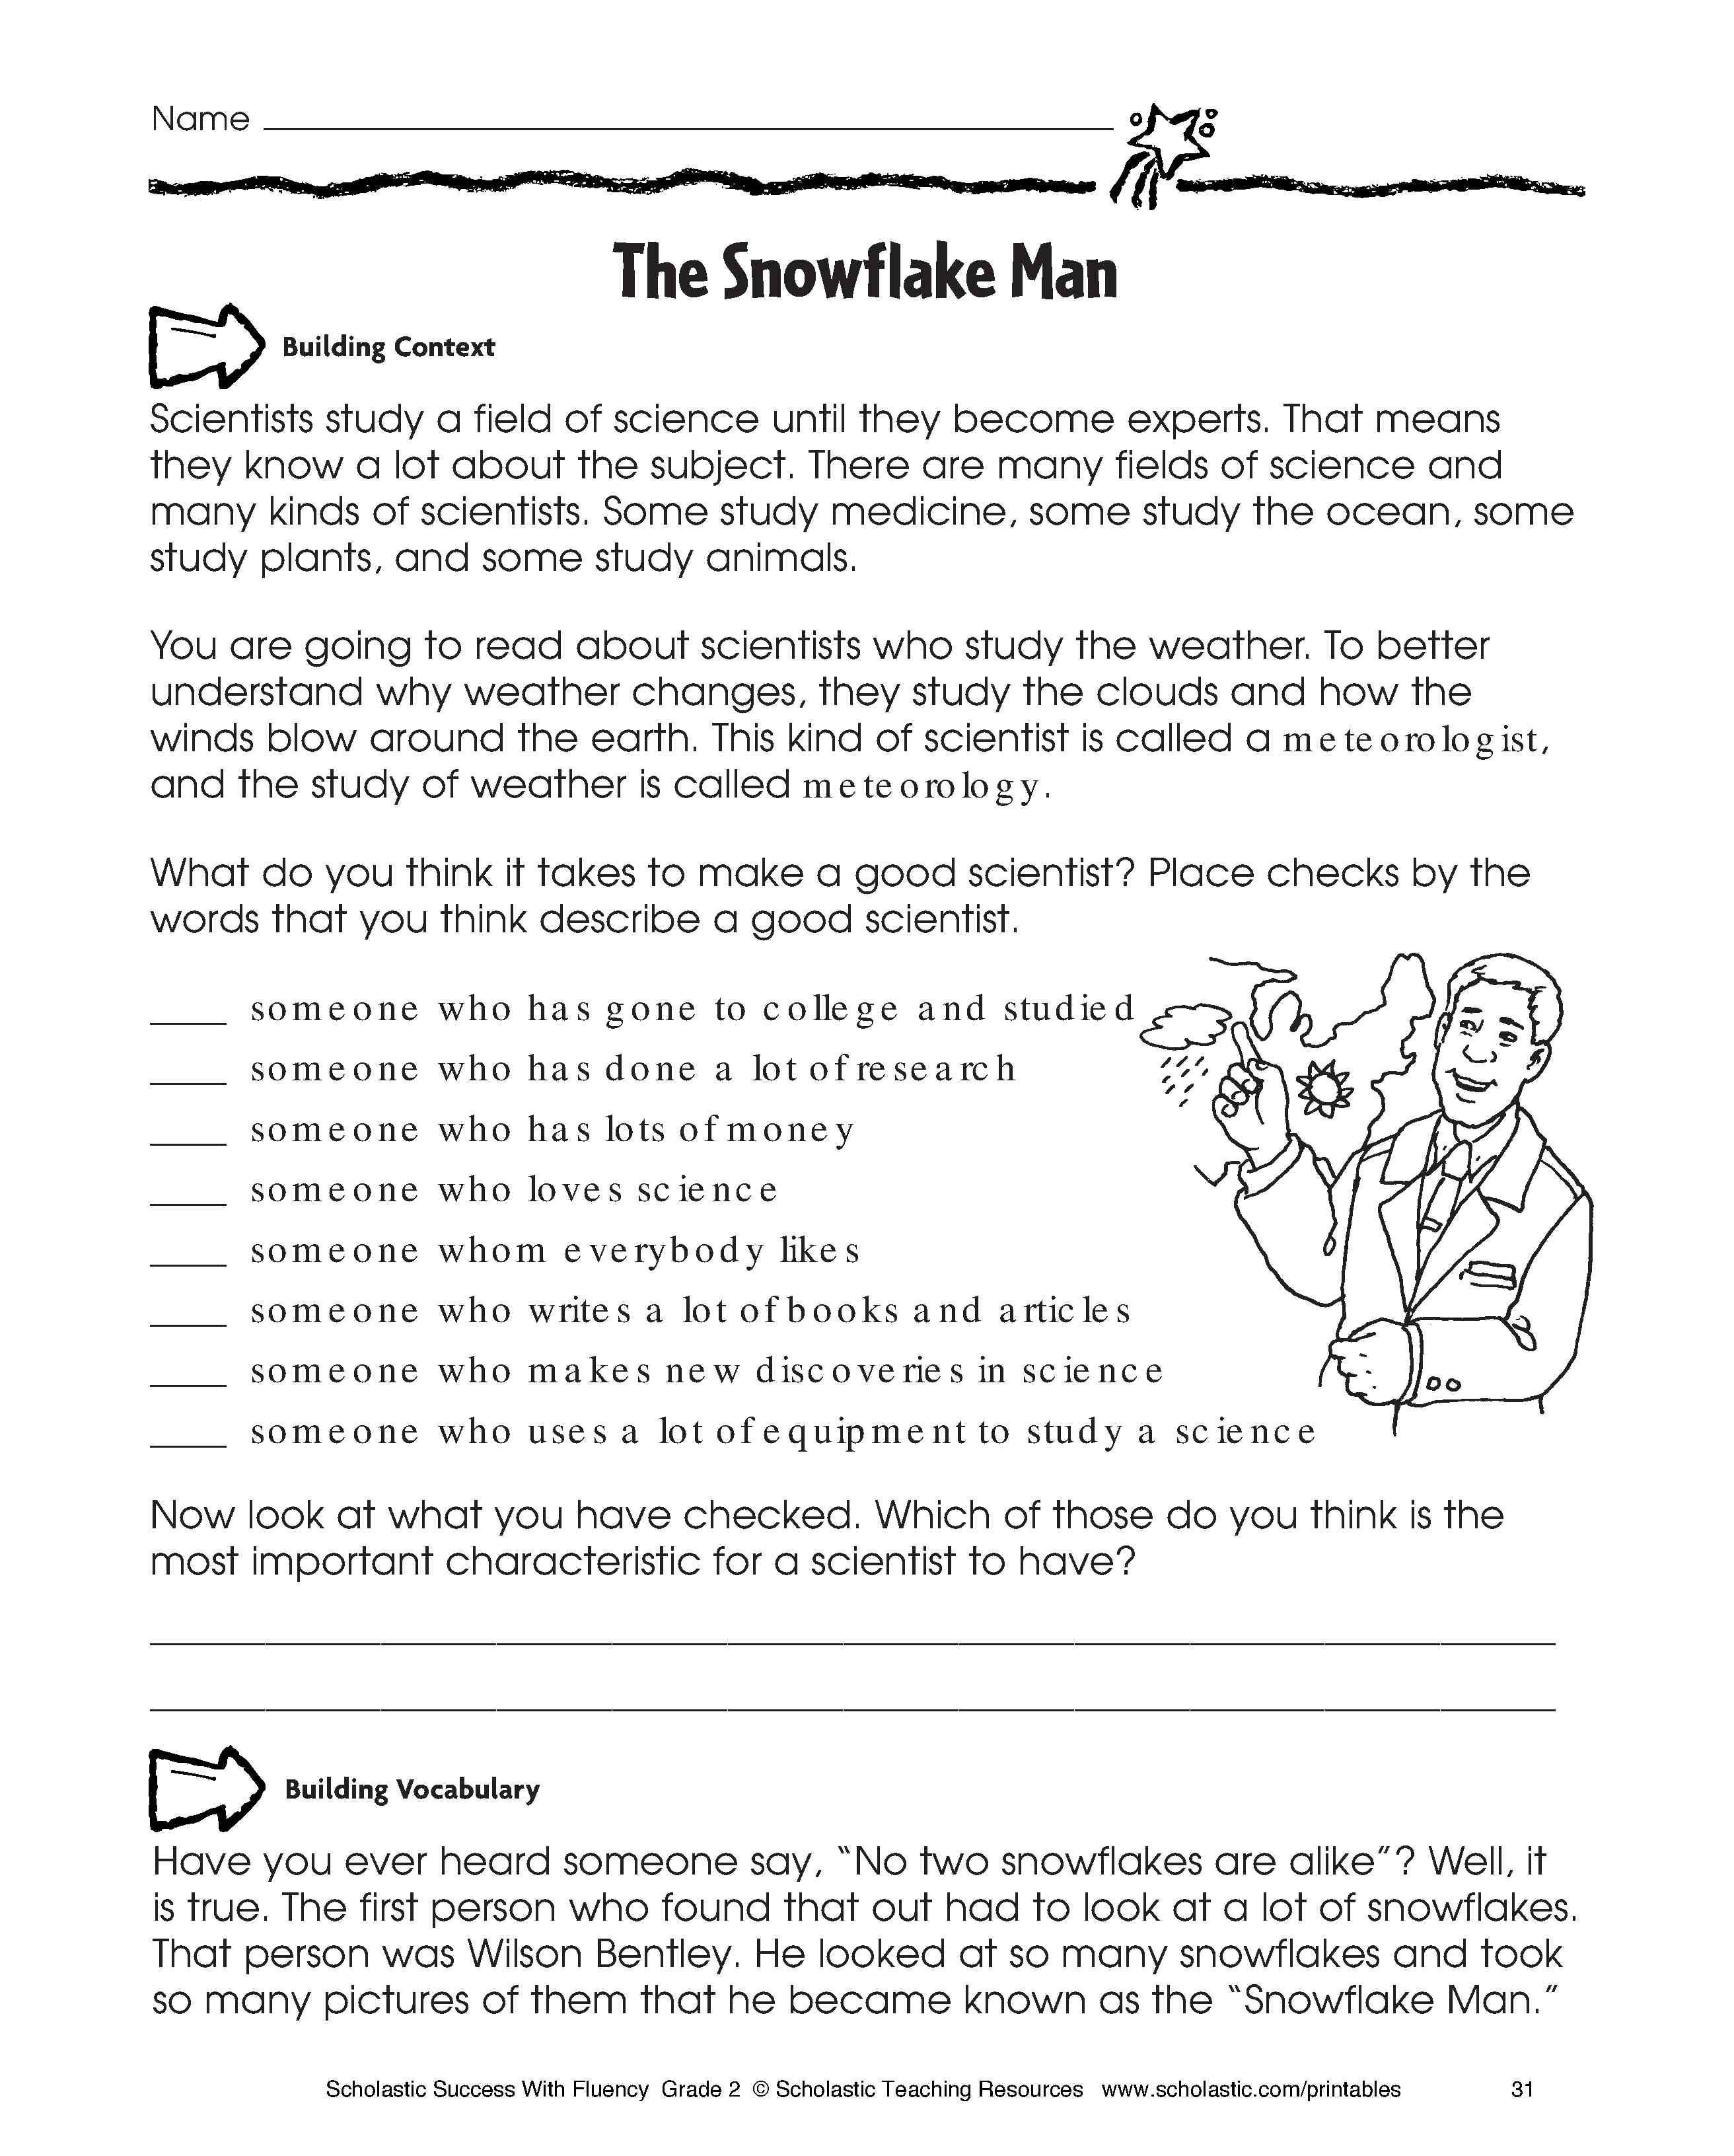 Free Printable High School Worksheets – Worksheet Template - Free Printable High School Worksheets